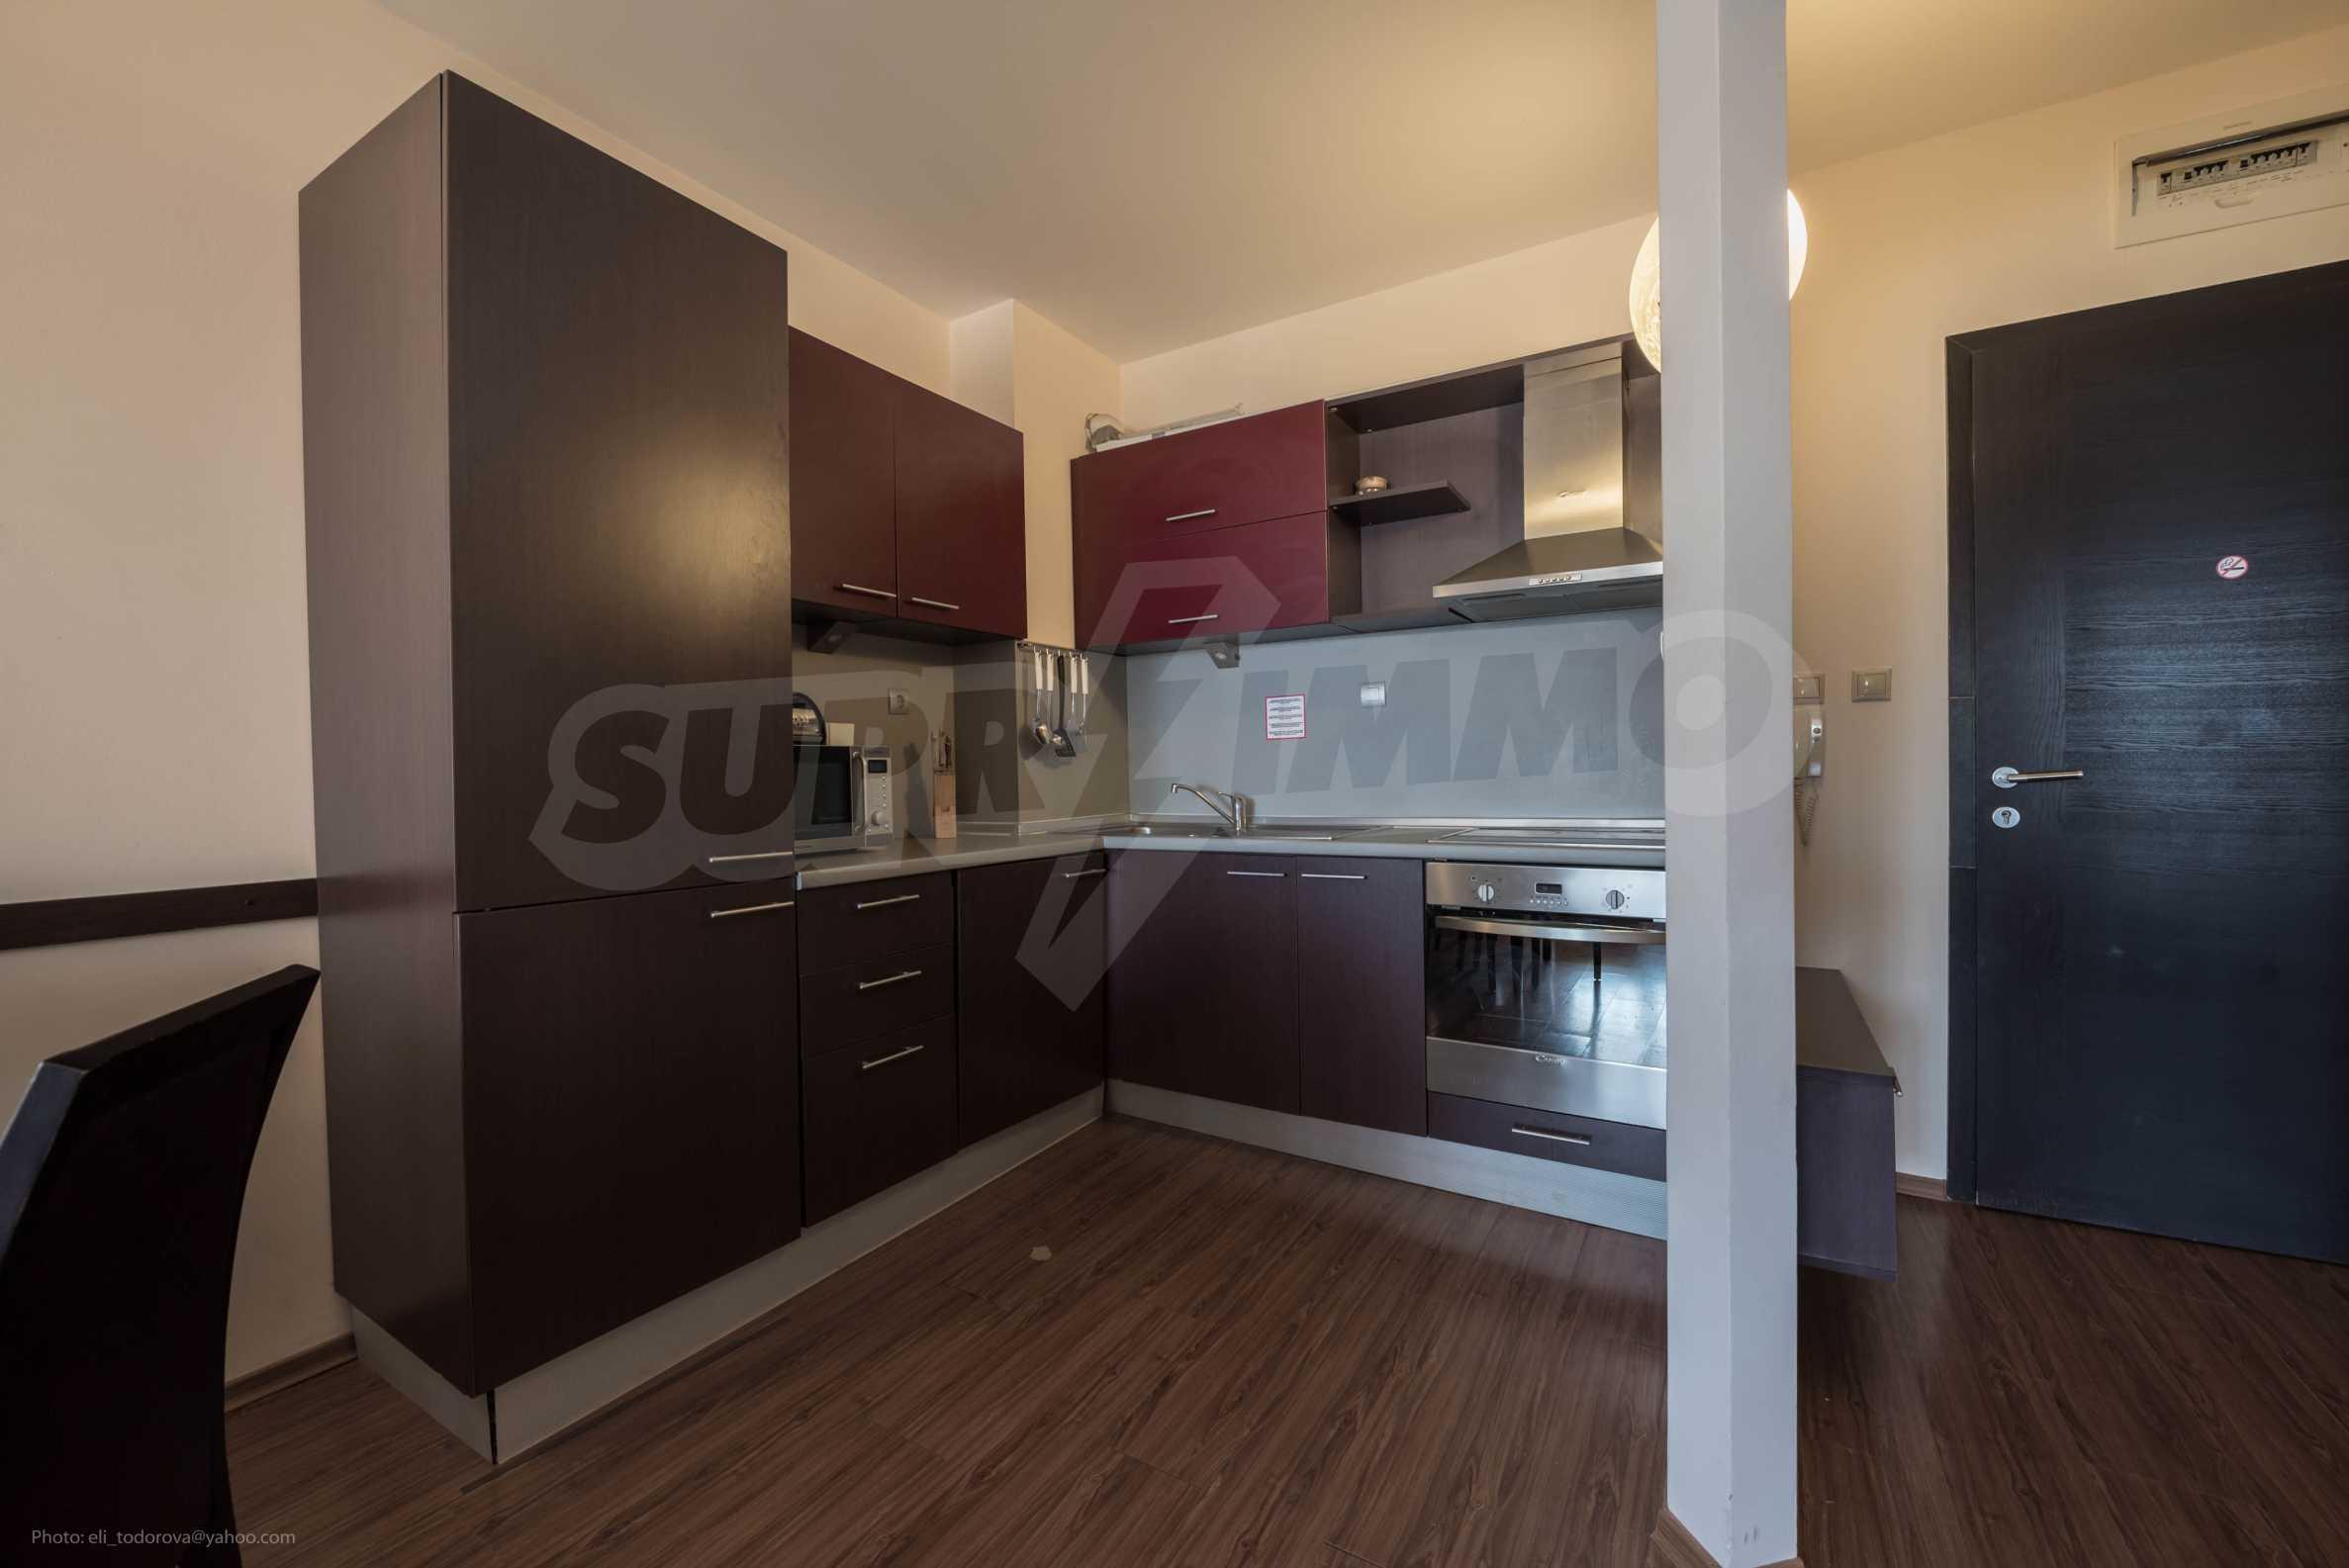 Апартамент 1-st line sea 9